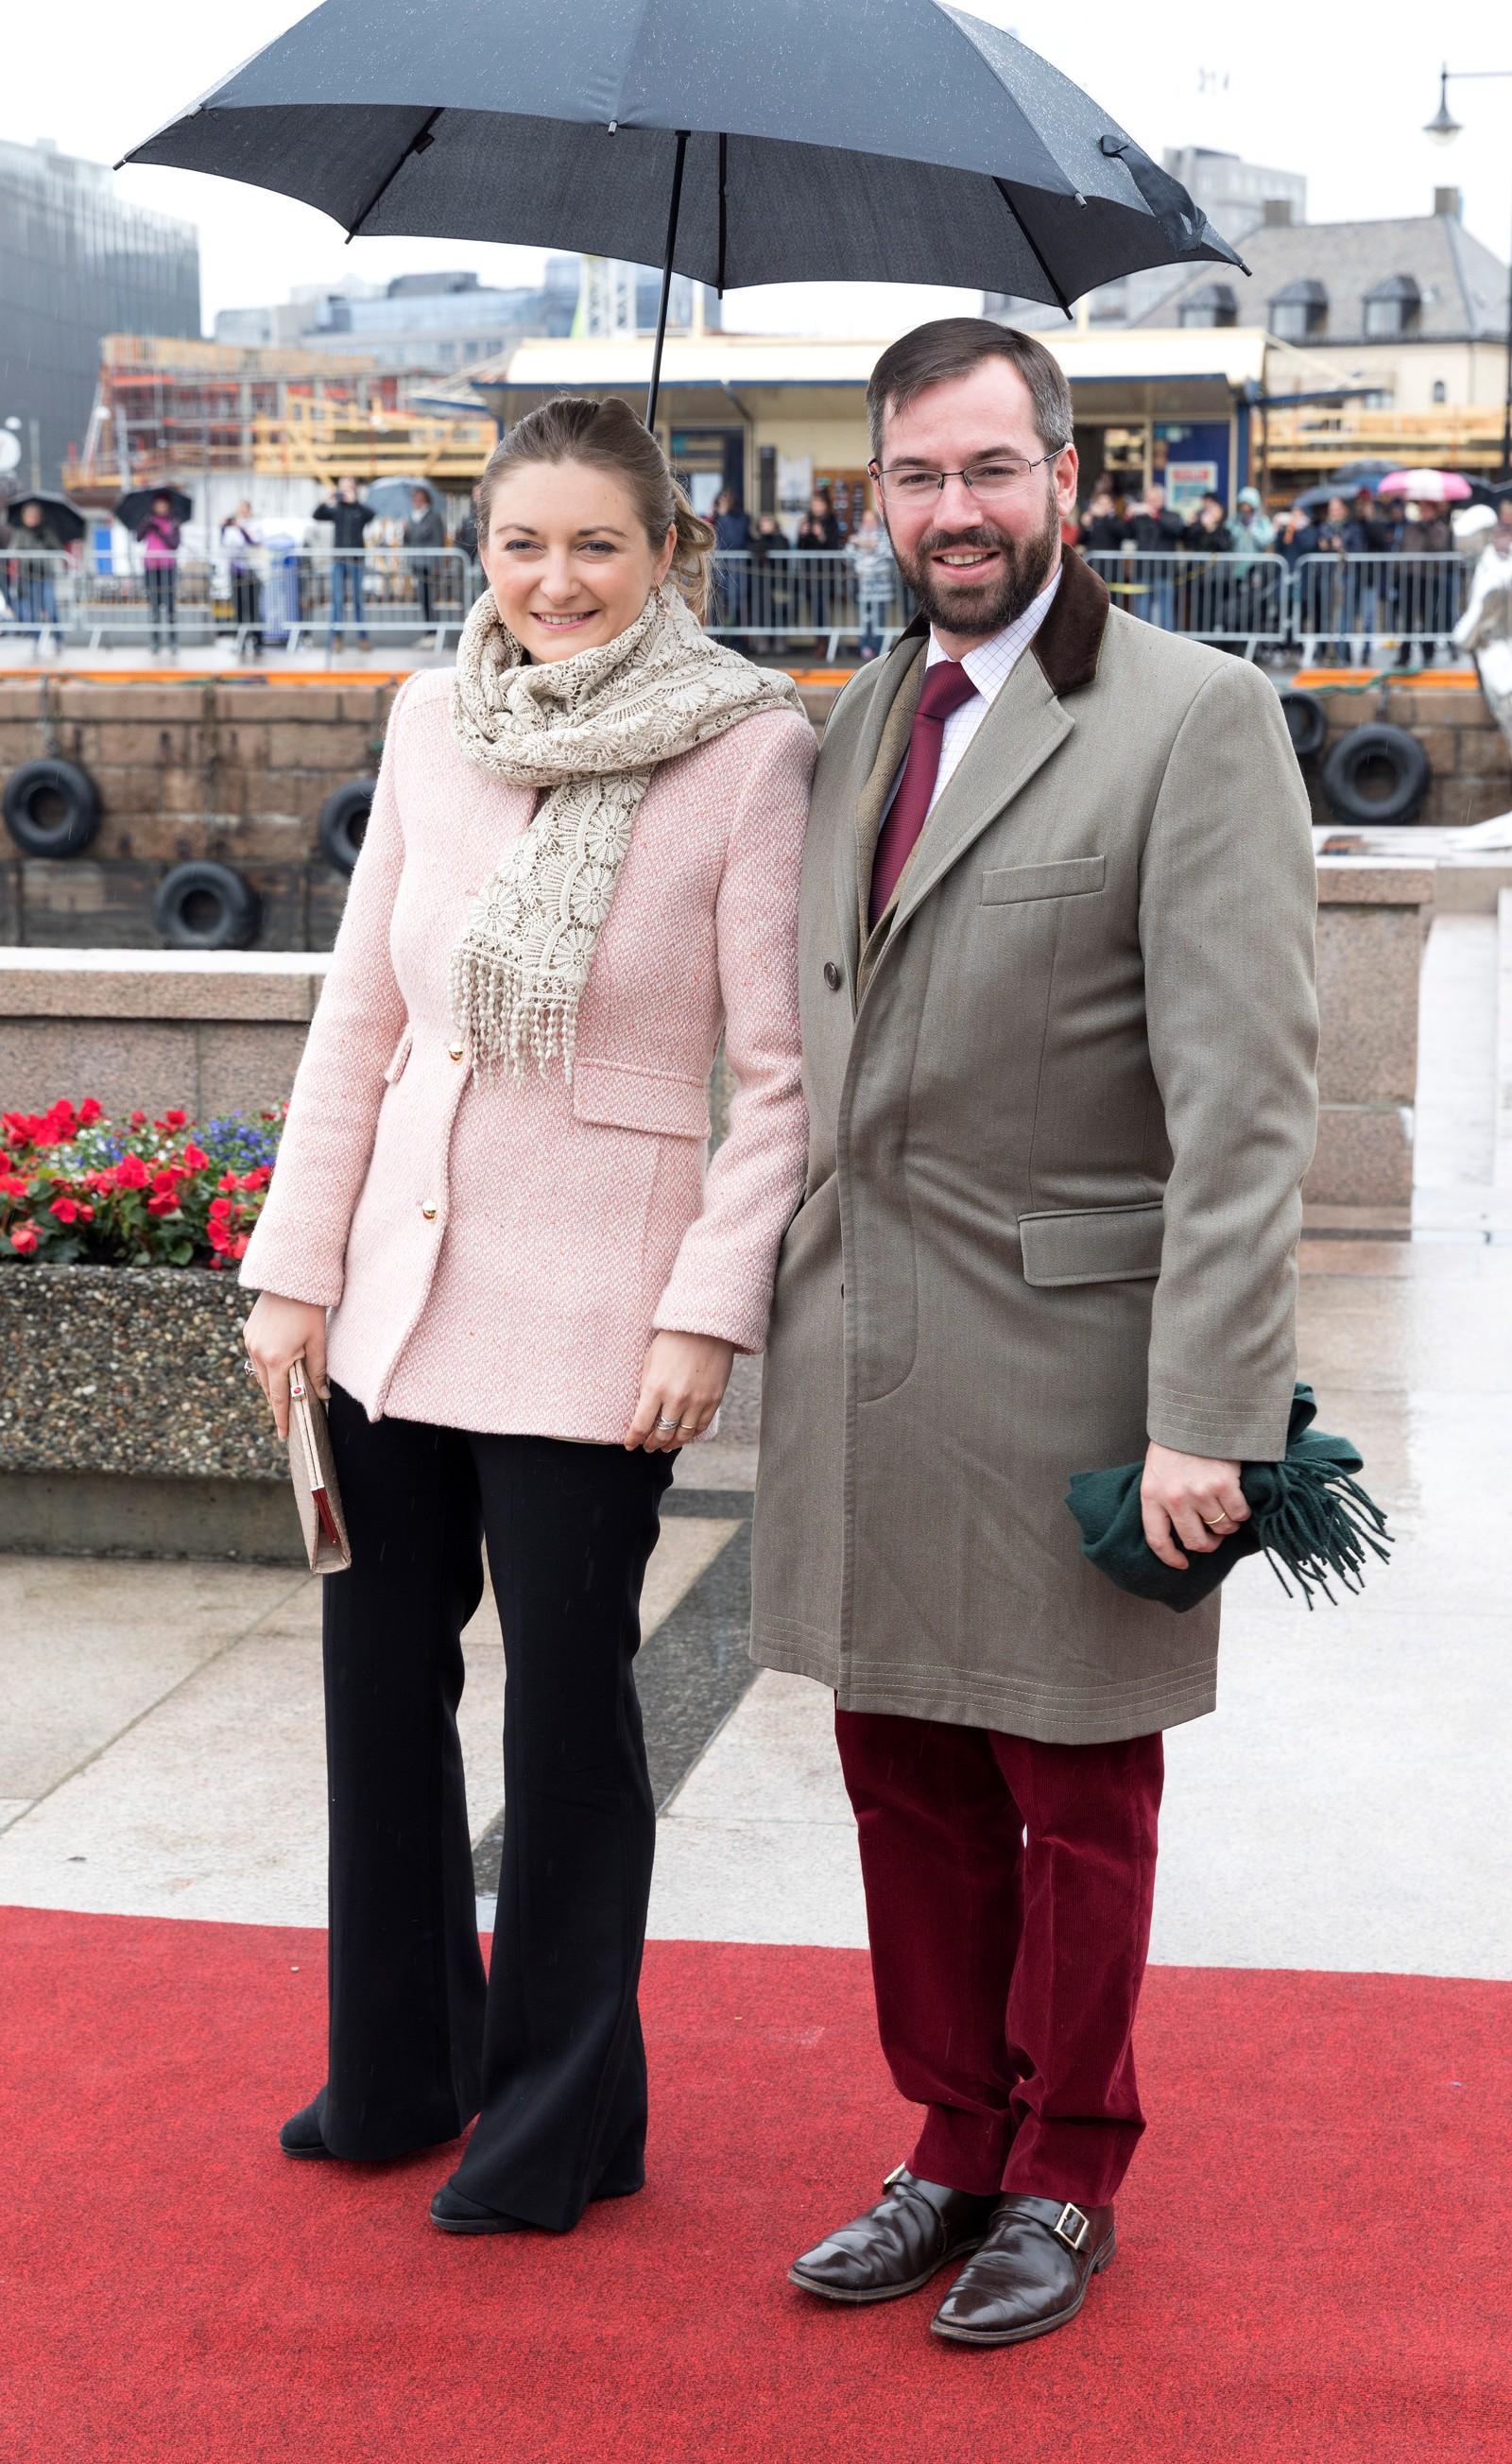 H.K.H. Arvestorhertug Guillaume og H.K.H. Arvestorhertug-inne StÈphanie ved avreise fra honnørbrygga i Oslo på tur til lunsj på Kongeskipet Norge onsdag.